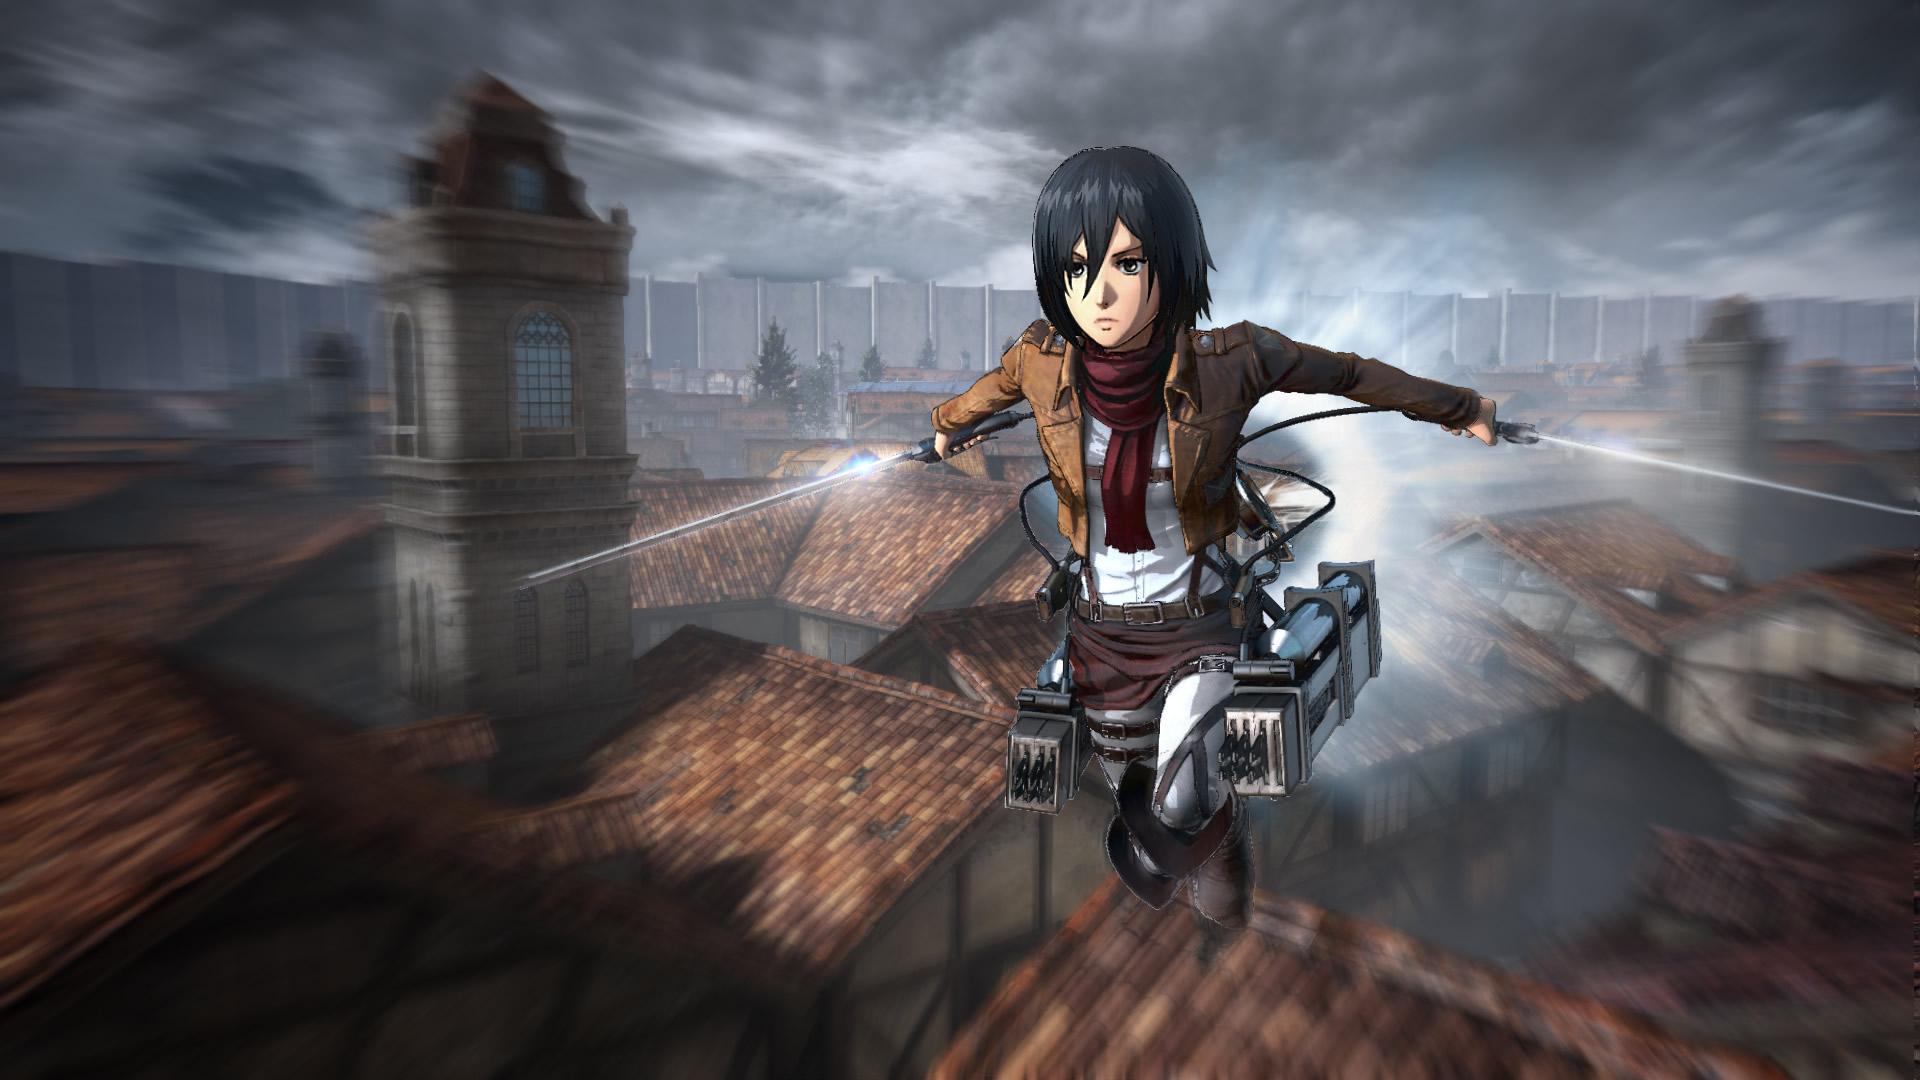 Attack on Titan (video game) - Wikipedia